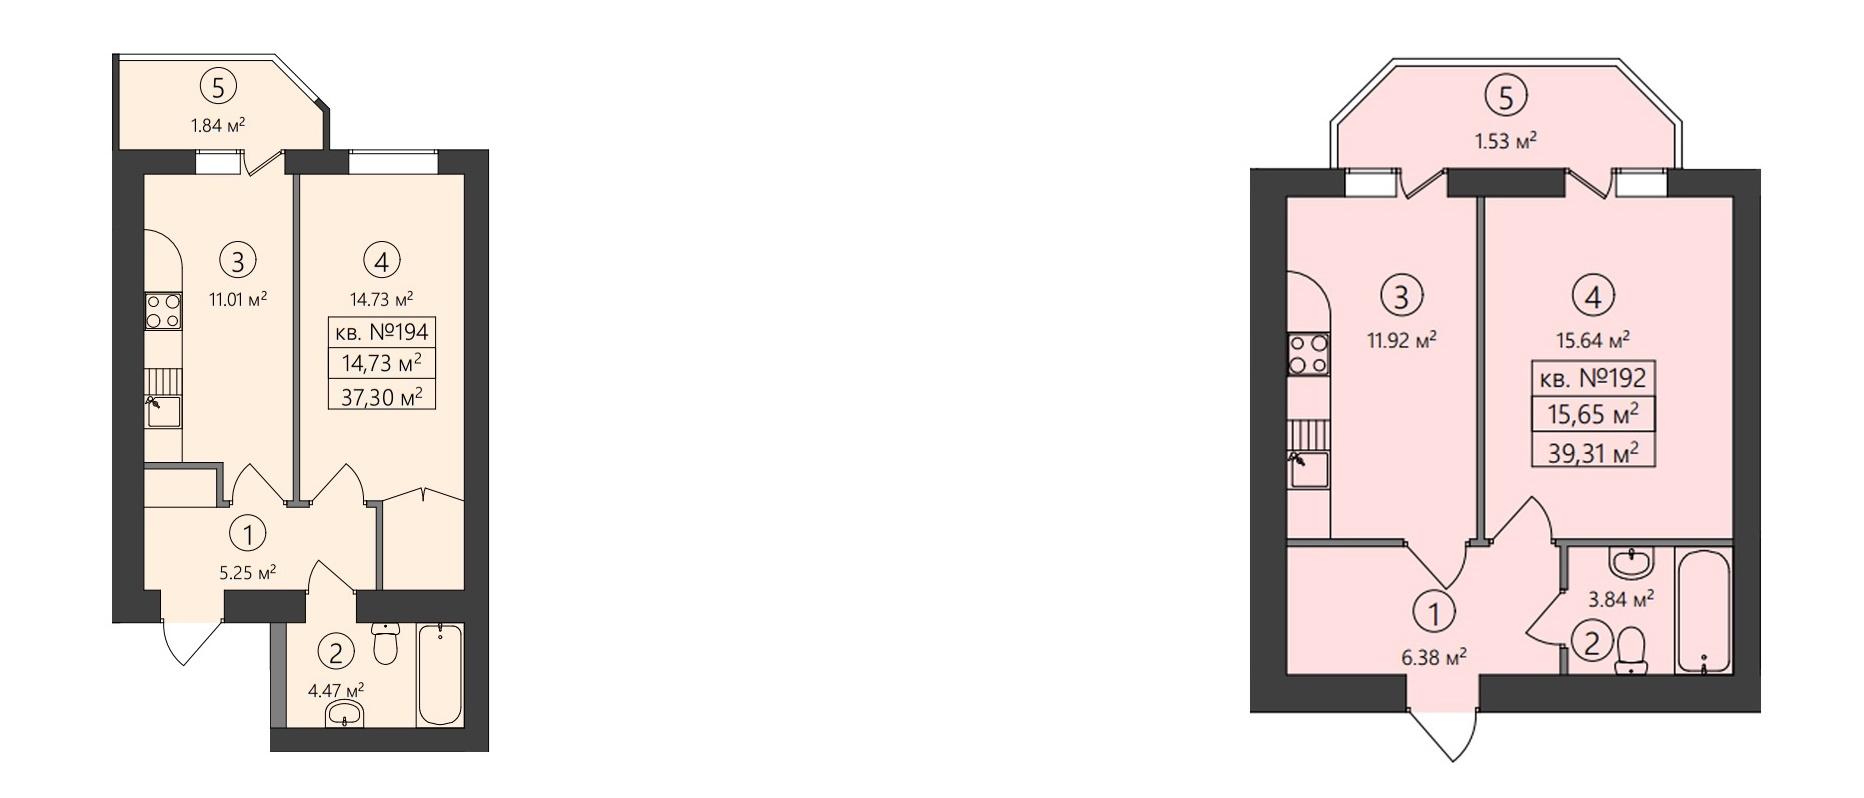 ЖК Family-2 варианты планировок однокомнатных квартир